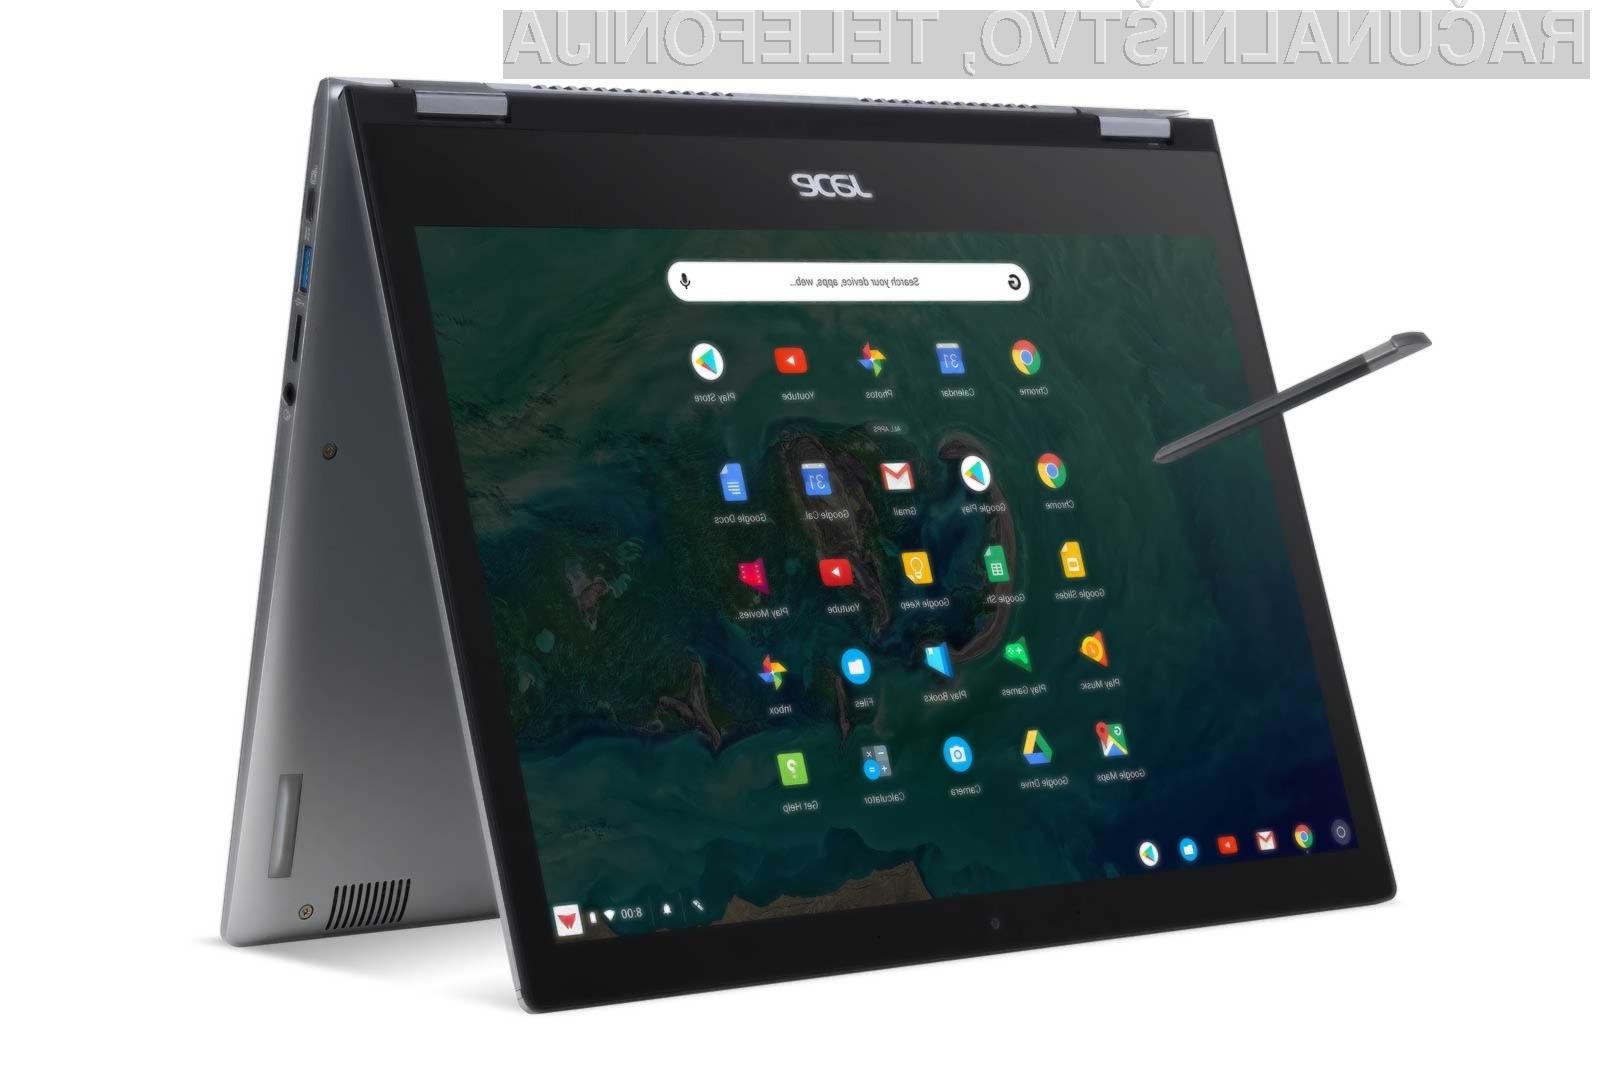 Prenosni računalnik 2-v-1 Acer Chromebook Spin 13 se bo zagotovo takoj prikupil poslovnežem!